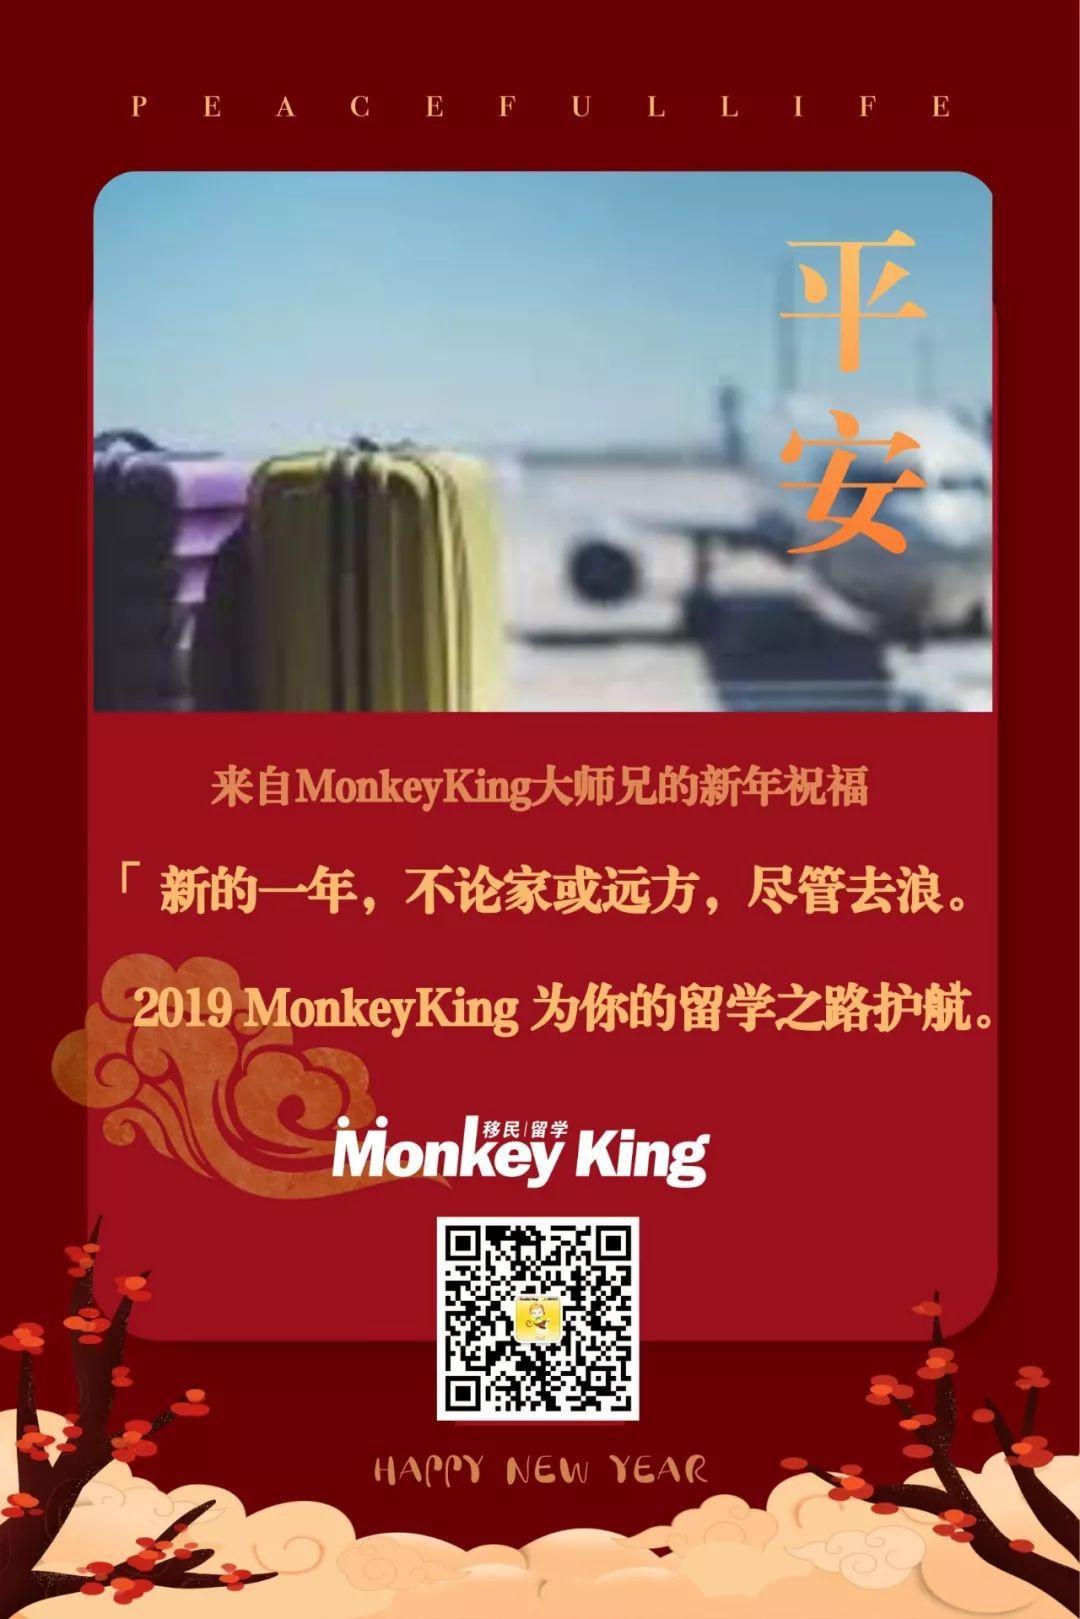 """【心酸】在澳洲没有回国过年的中国留学生:""""不要以为我们不想家!"""""""